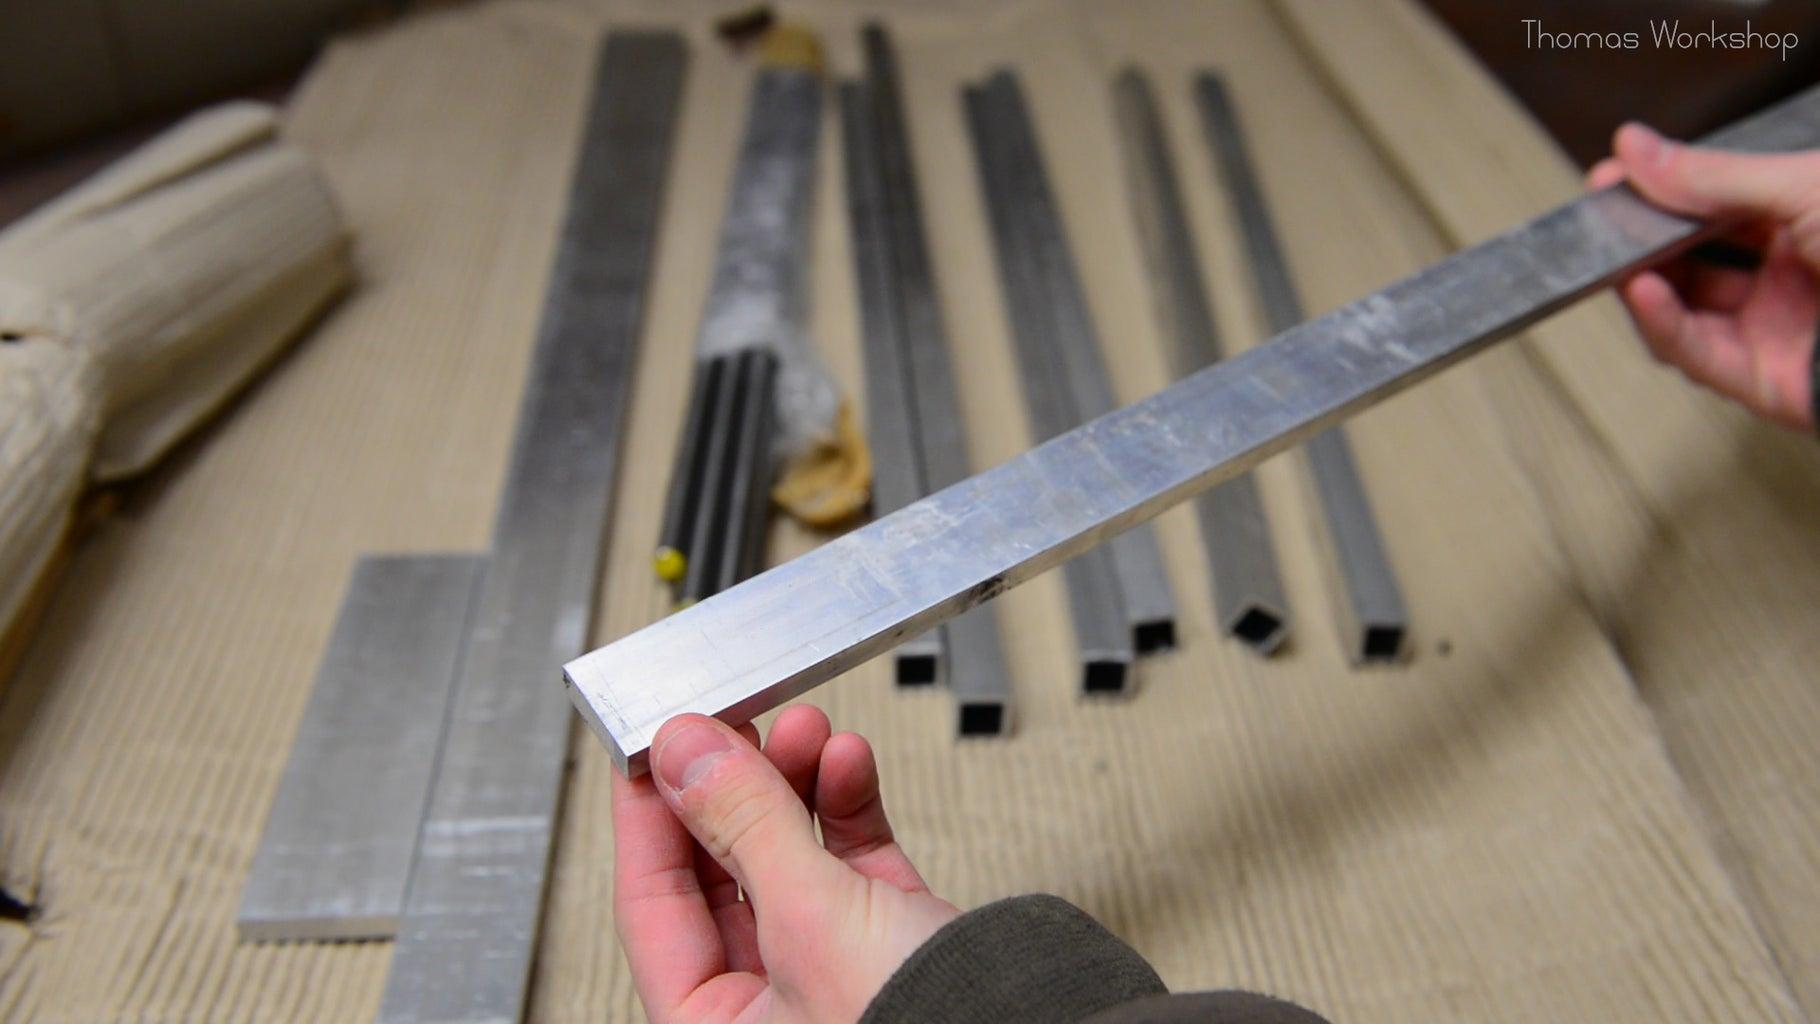 Materials, Parts, Tools